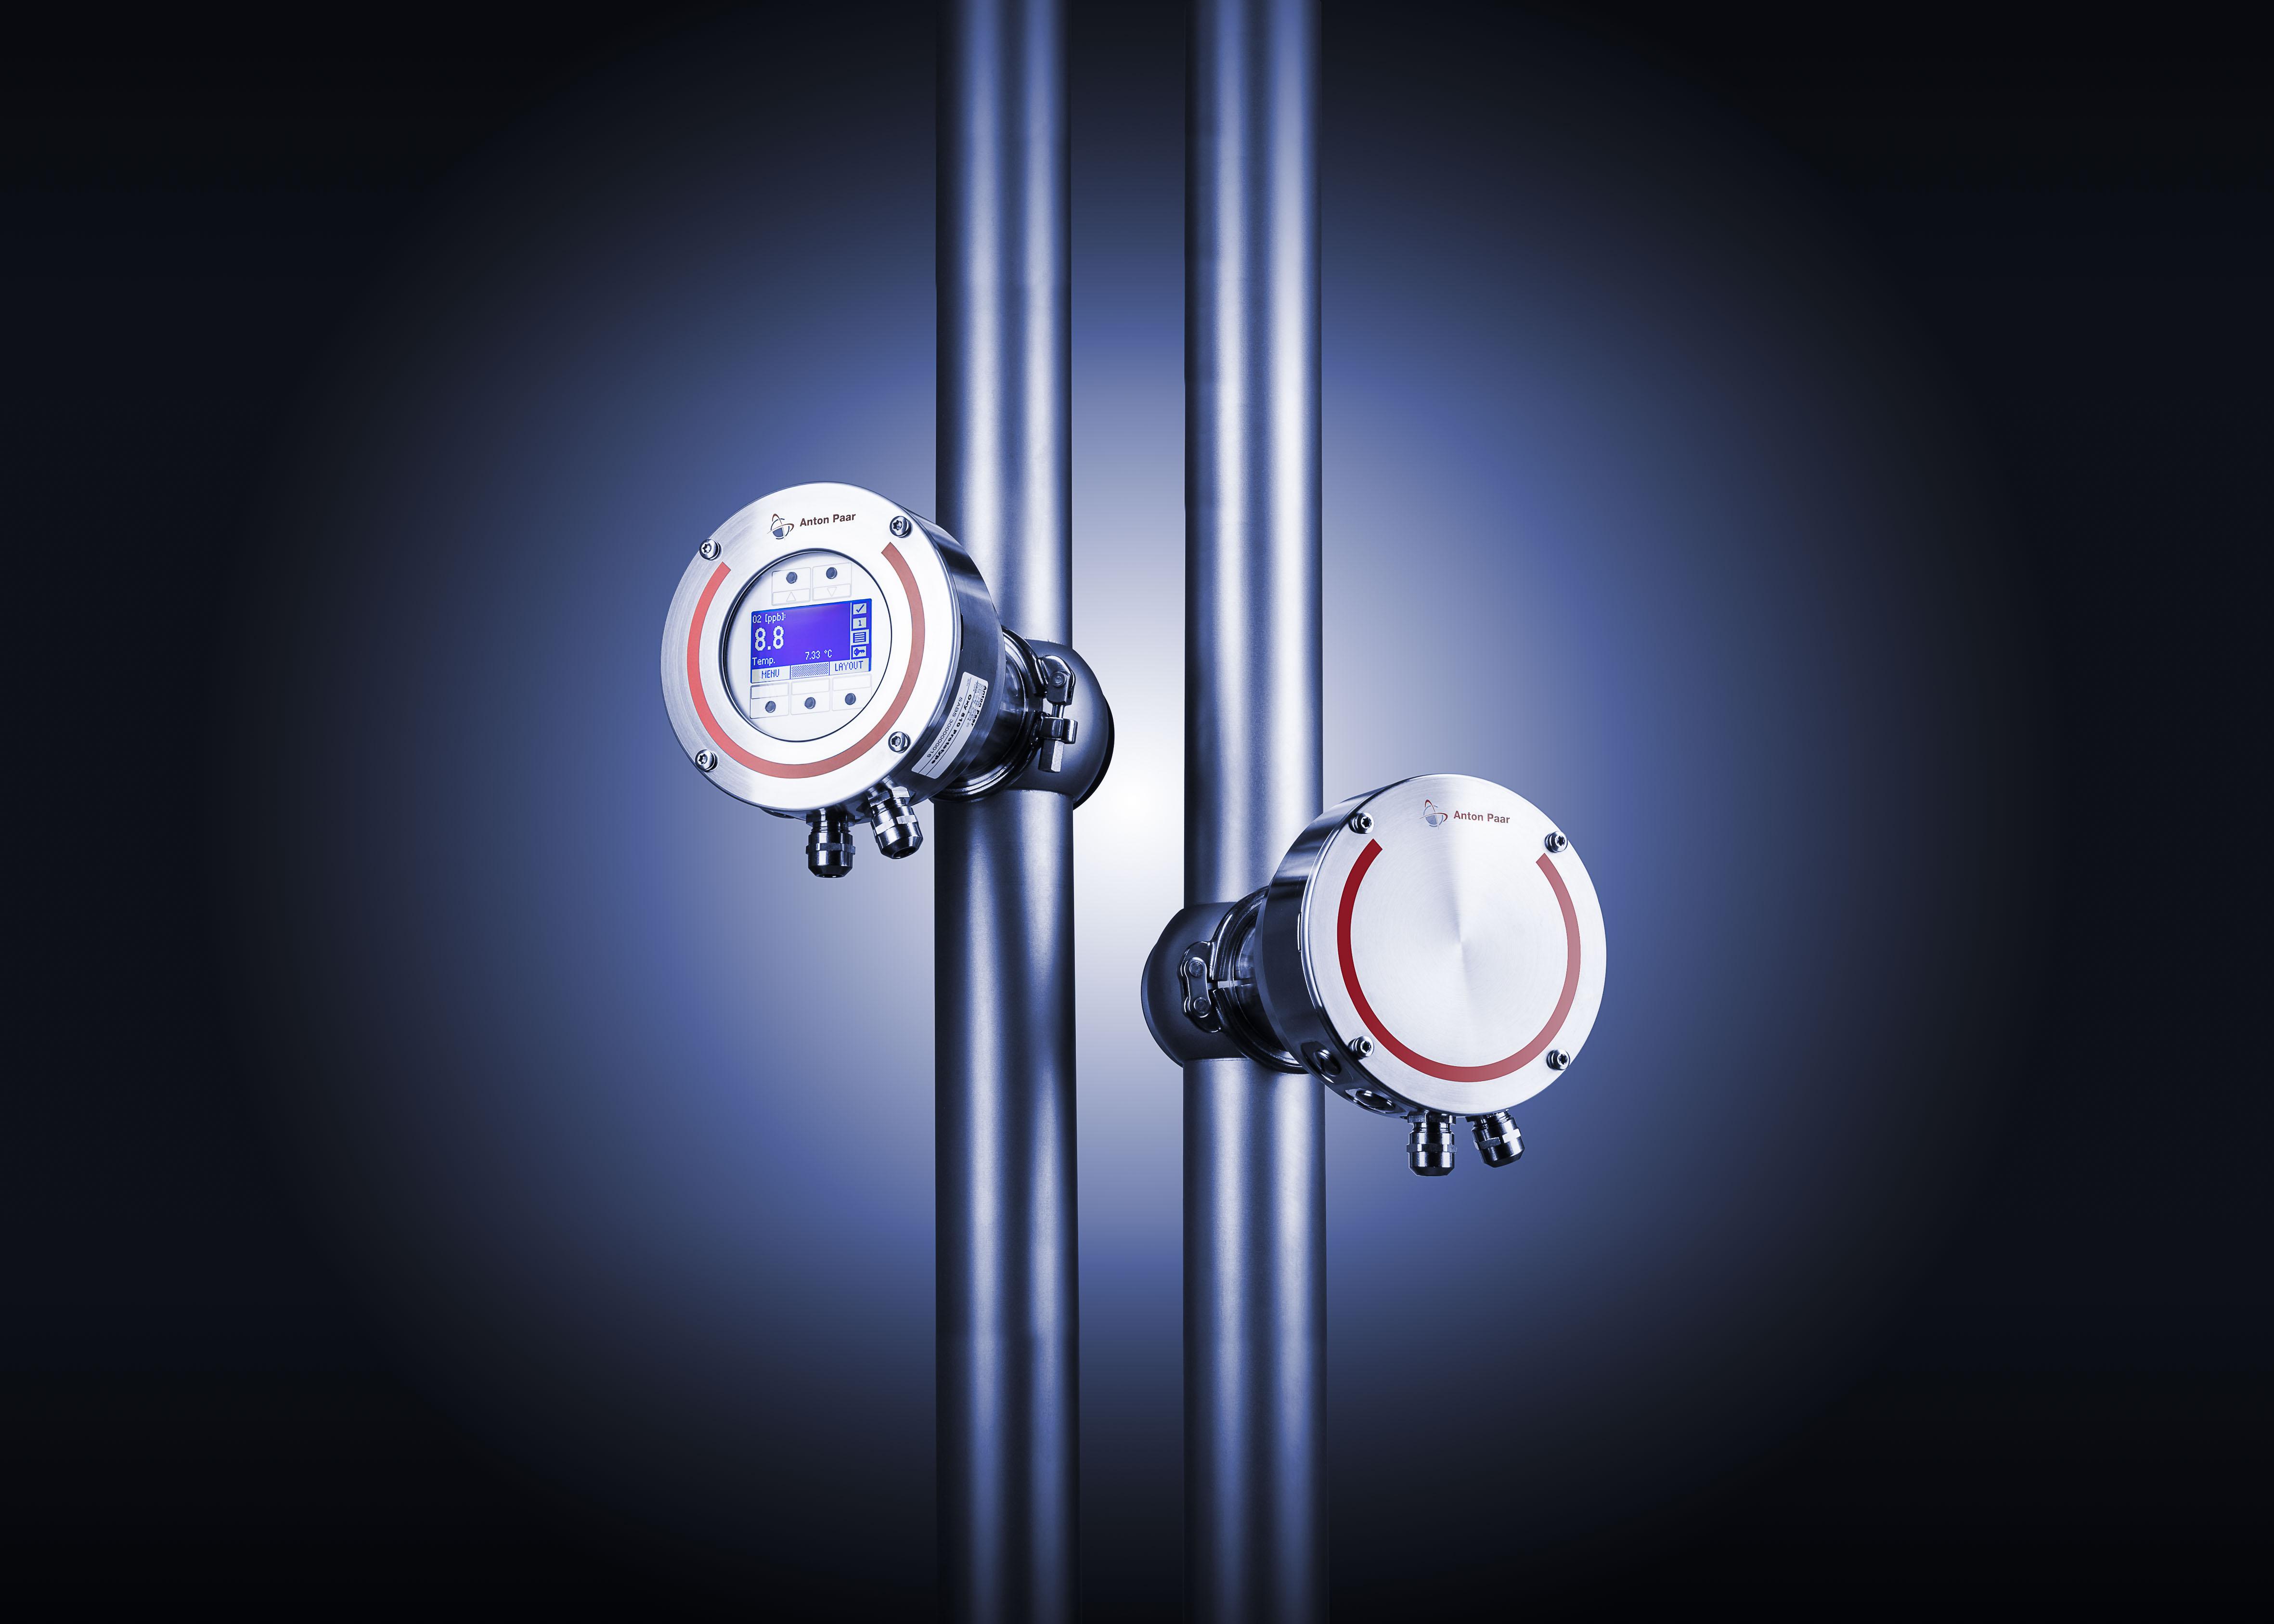 The Oxygenius: Oxy 510 inline sensor